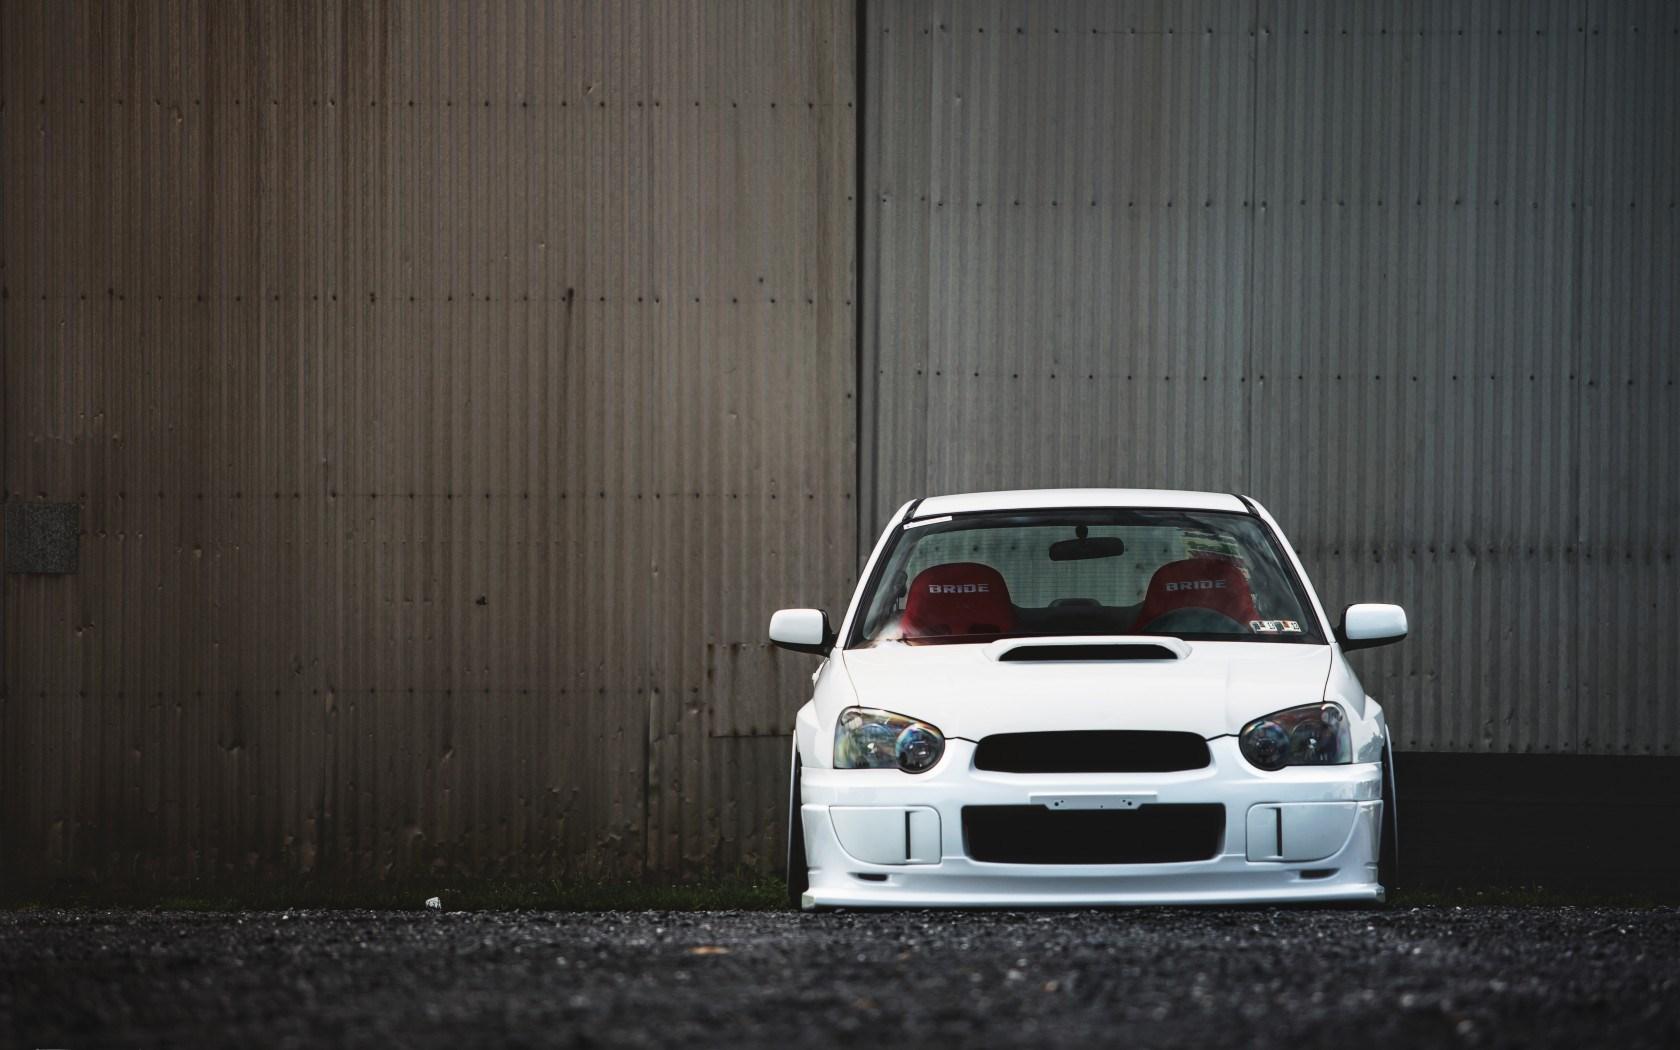 Subaru Impreza WRX STI Tuning Car